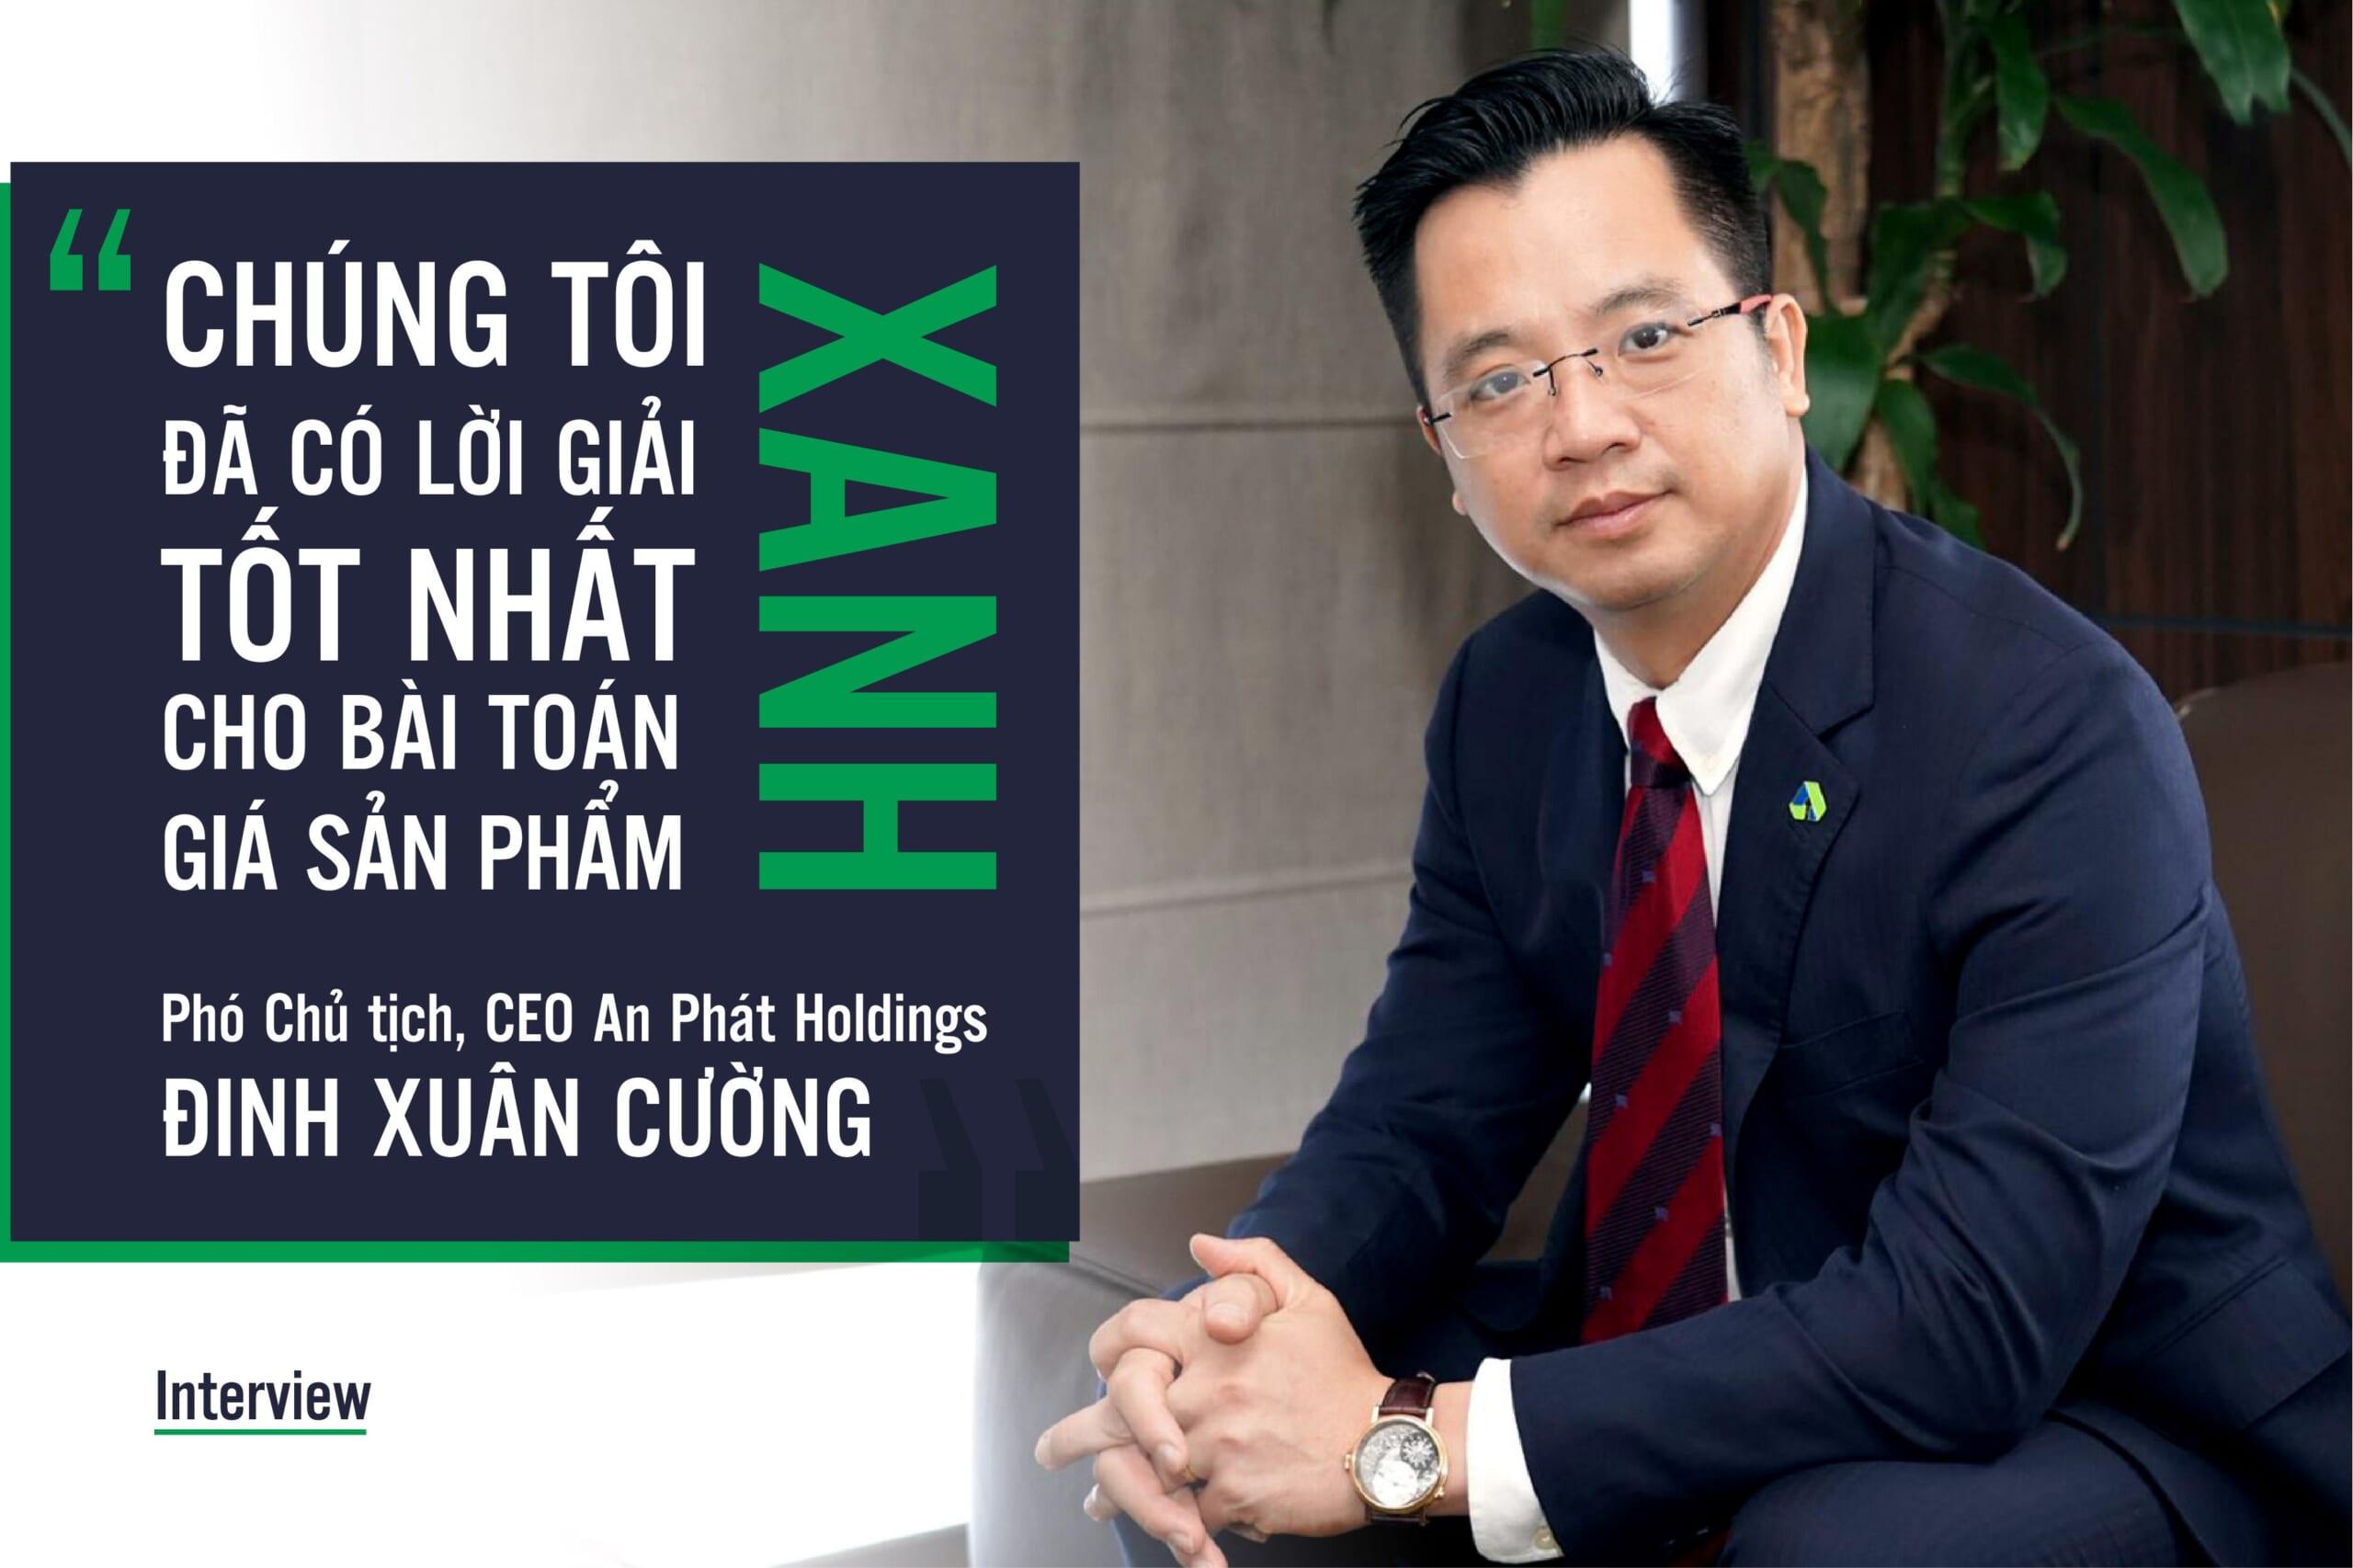 Phó Chủ tịch, CEO An Phát Holdings: Chúng tôi đã có lời giải tốt nhất cho bài toán giá sản phẩm xanh